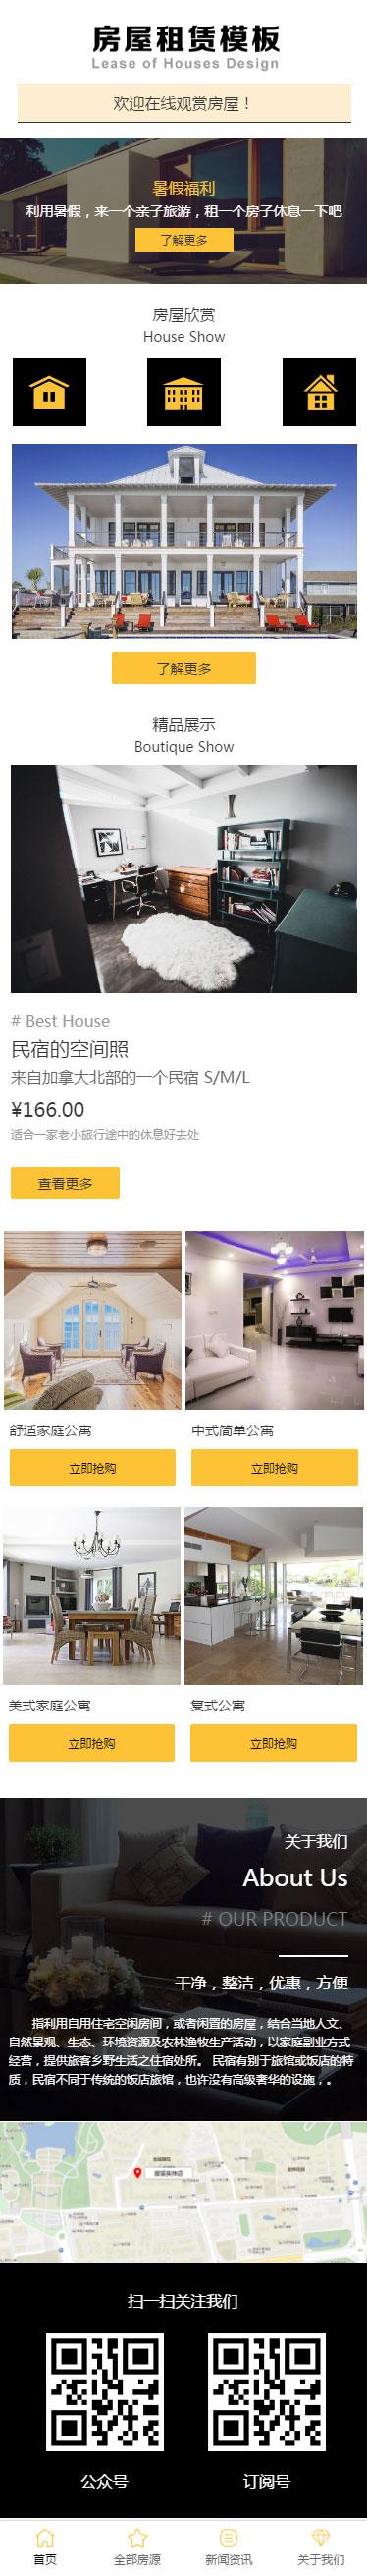 房屋租赁展示小程序模板